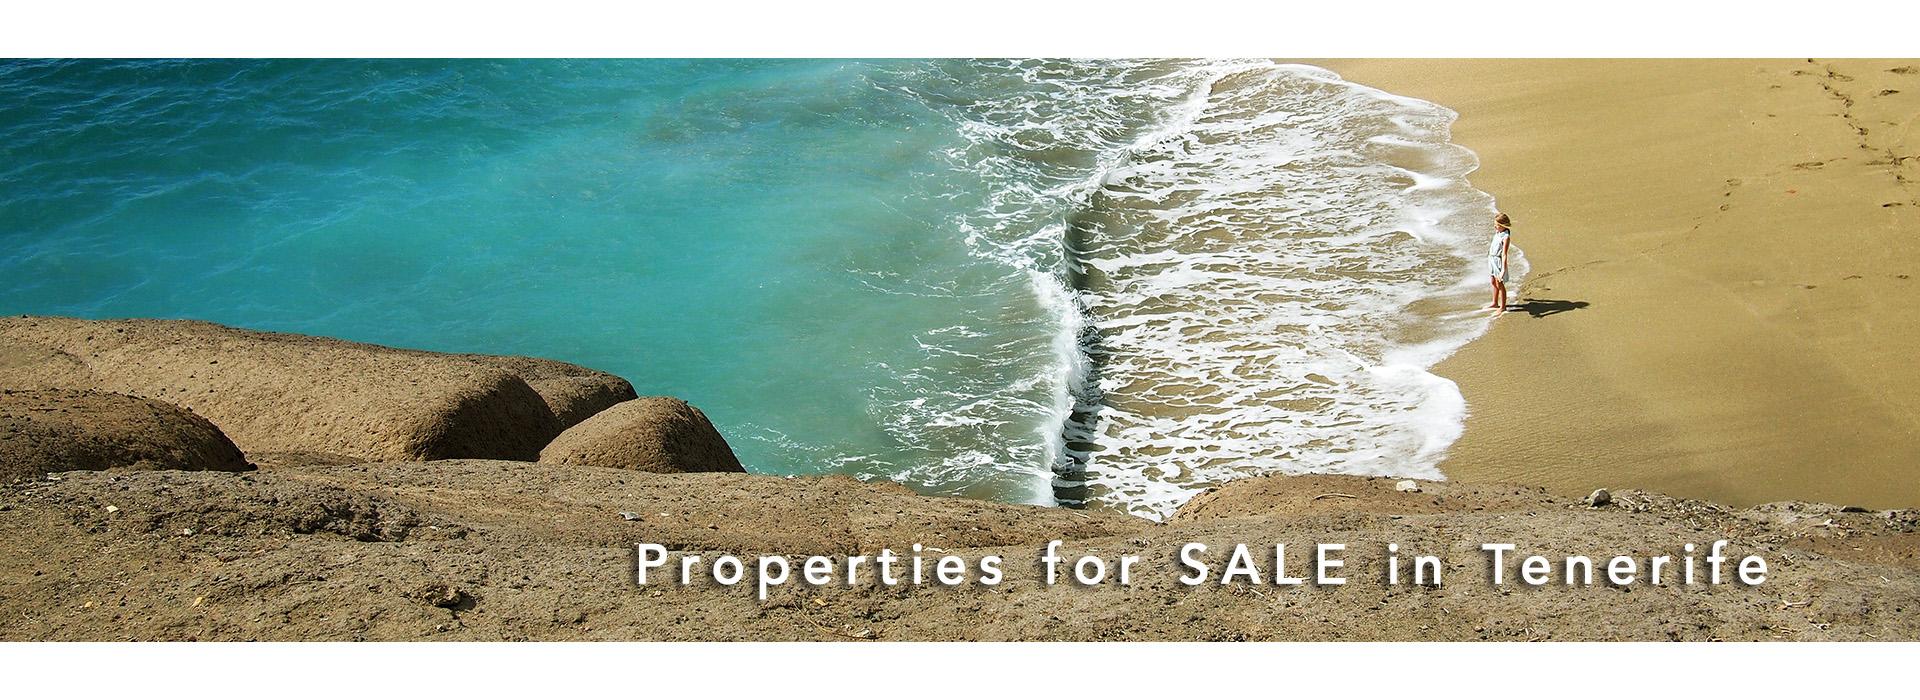 properties for sale in tenerife facebook group banner.jpg